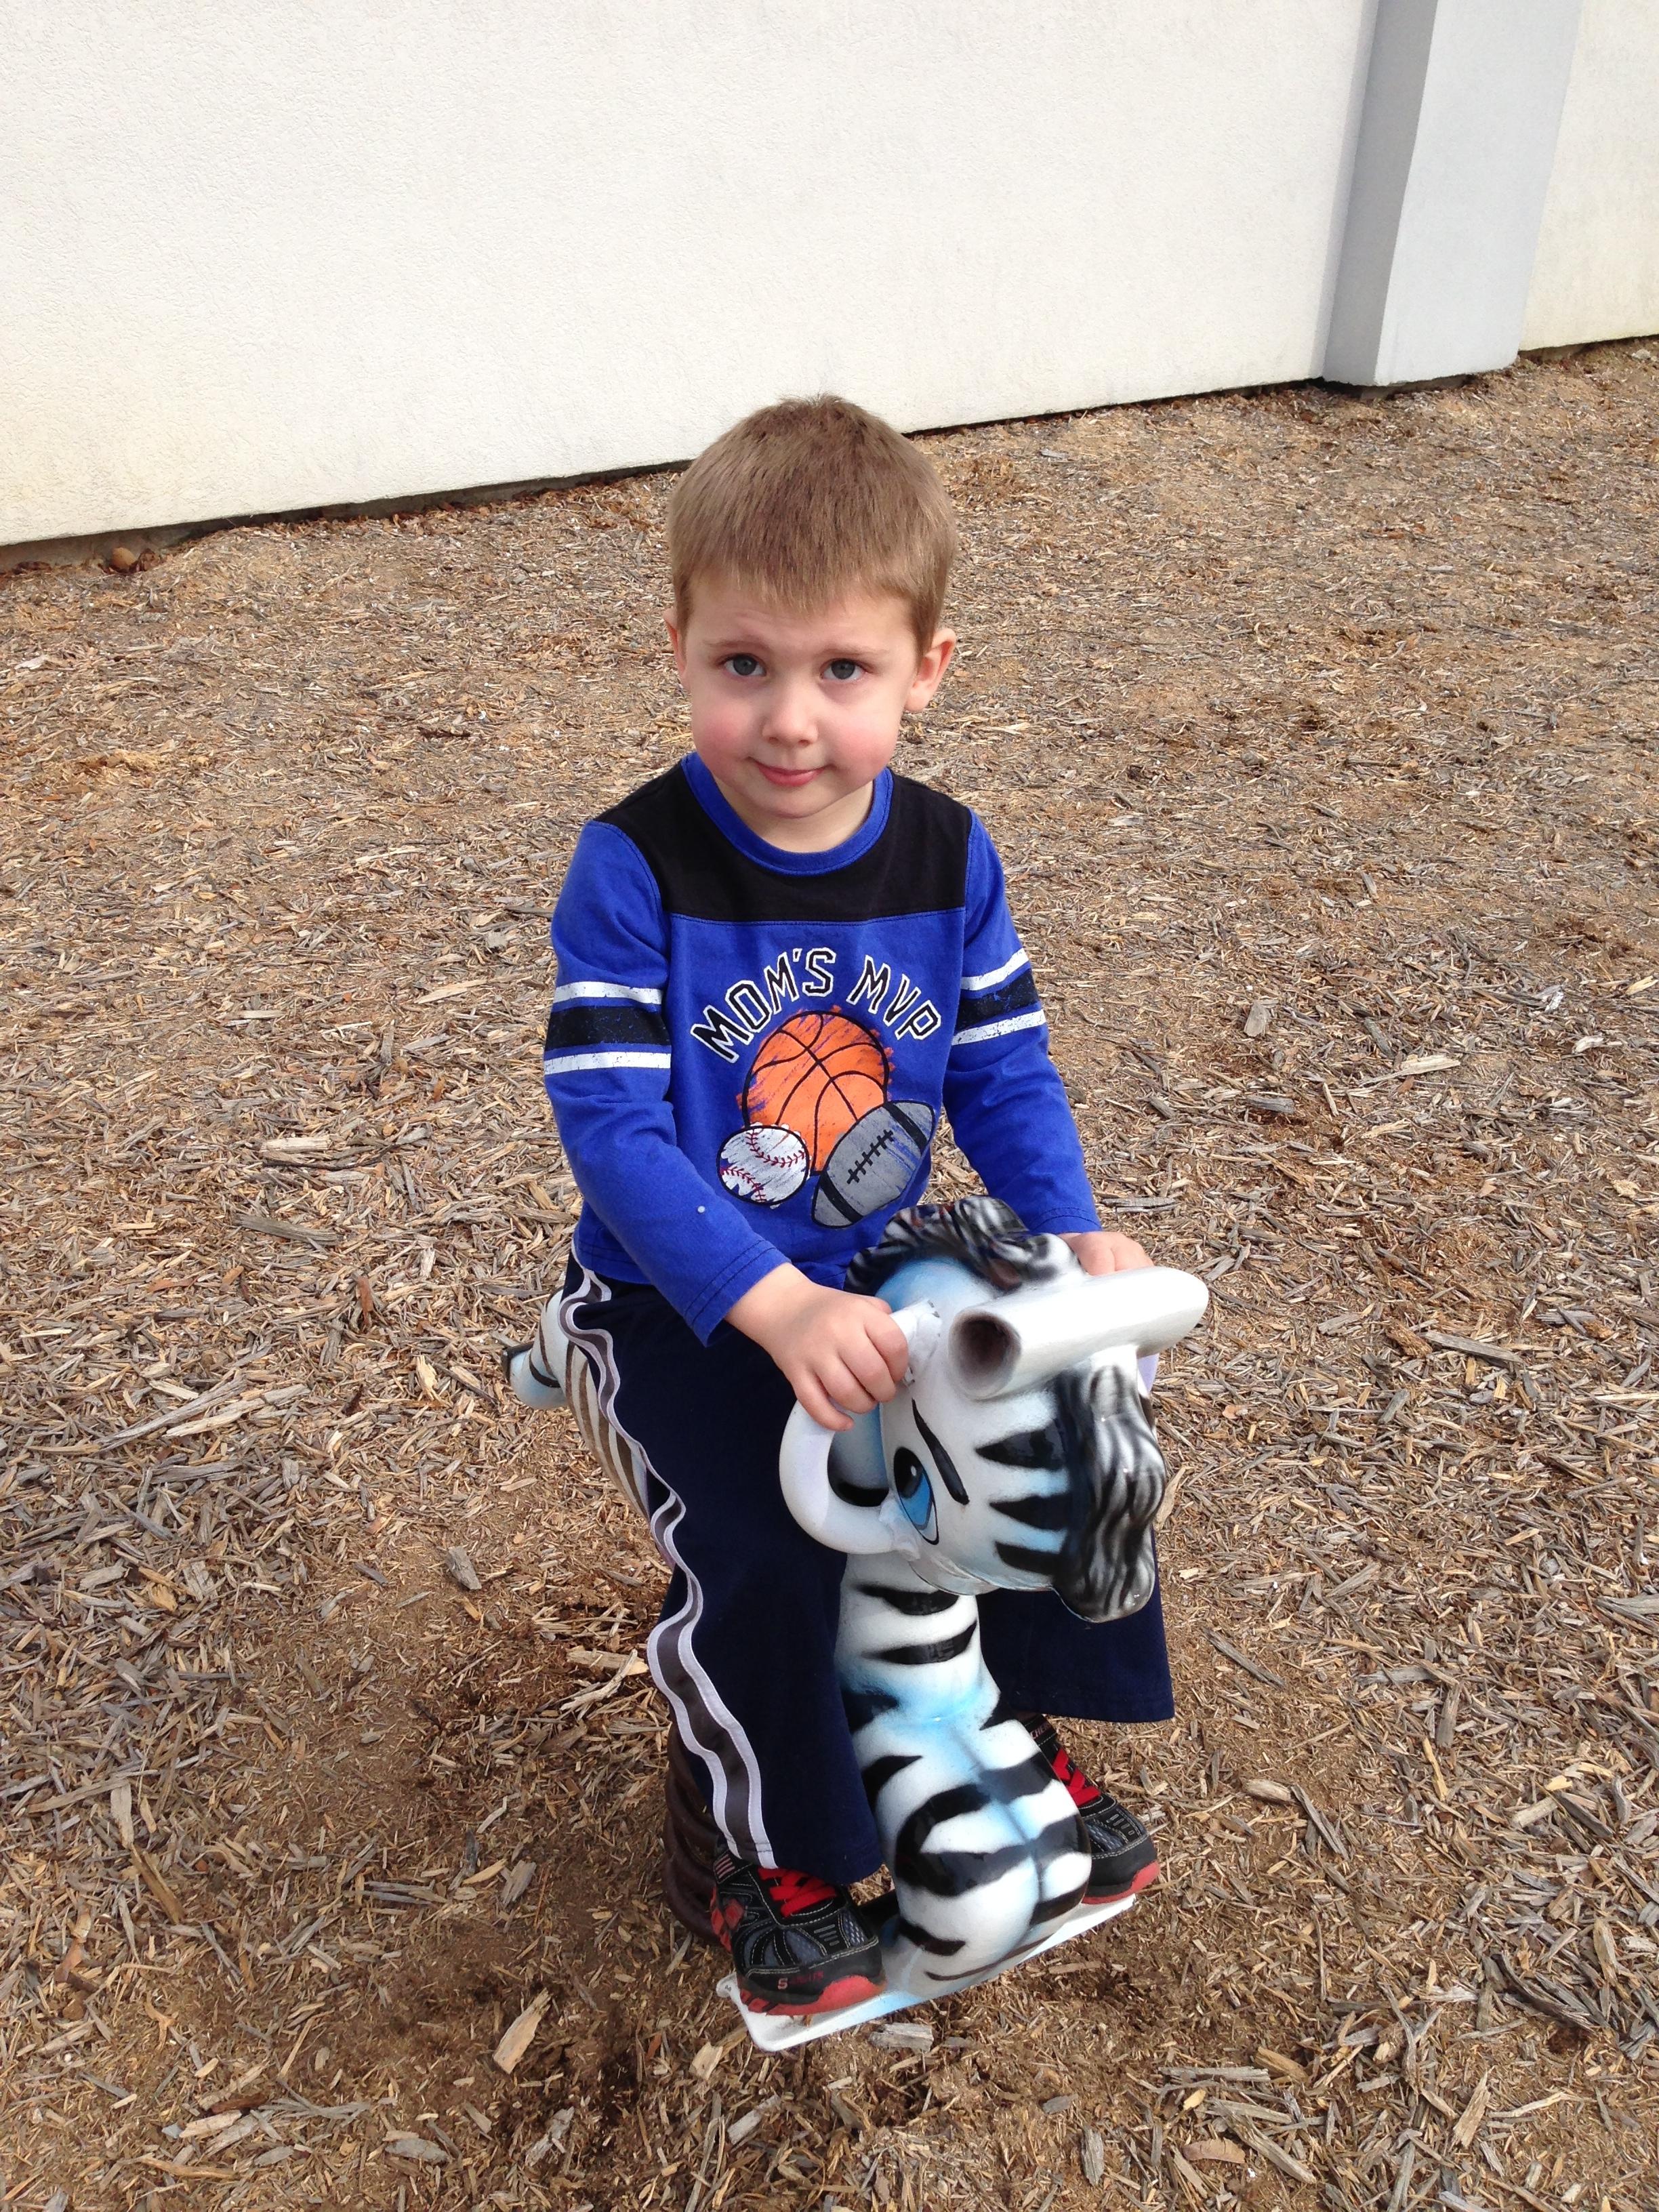 Luke at the playground